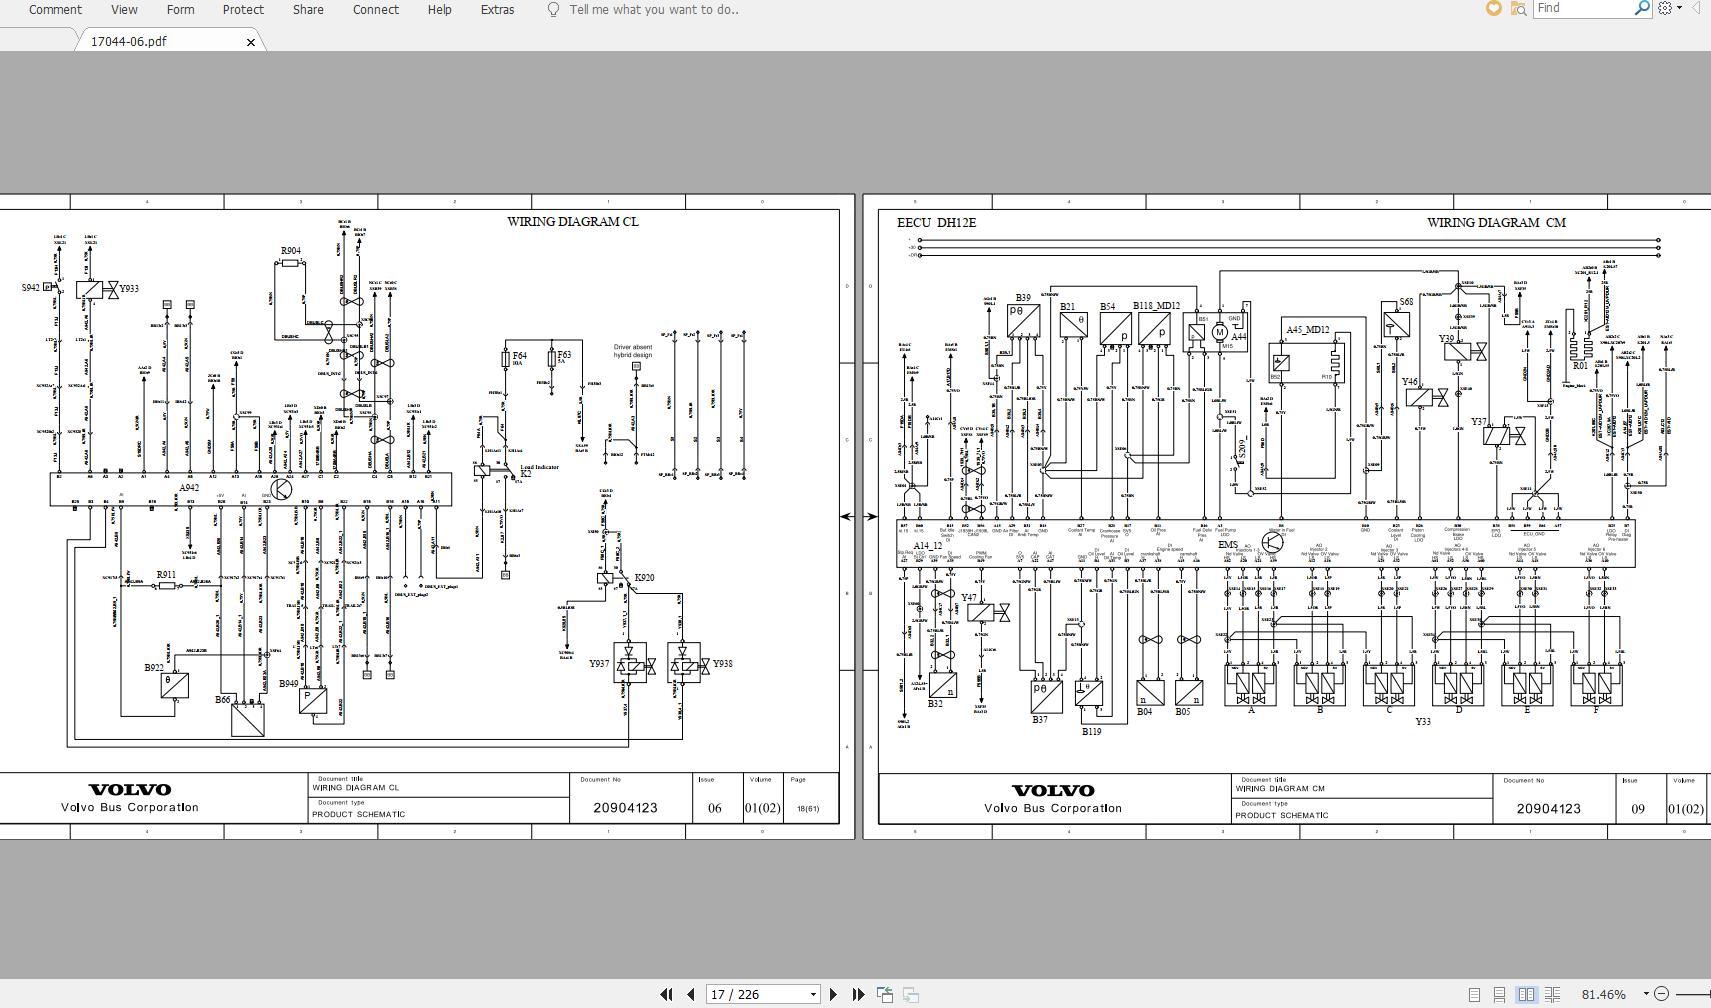 Volvo B12m Wiring Diagram - Wiring Diagram Direct tuck-crystal -  tuck-crystal.siciliabeb.it | Volvo B12b Wiring Diagram |  | tuck-crystal.siciliabeb.it